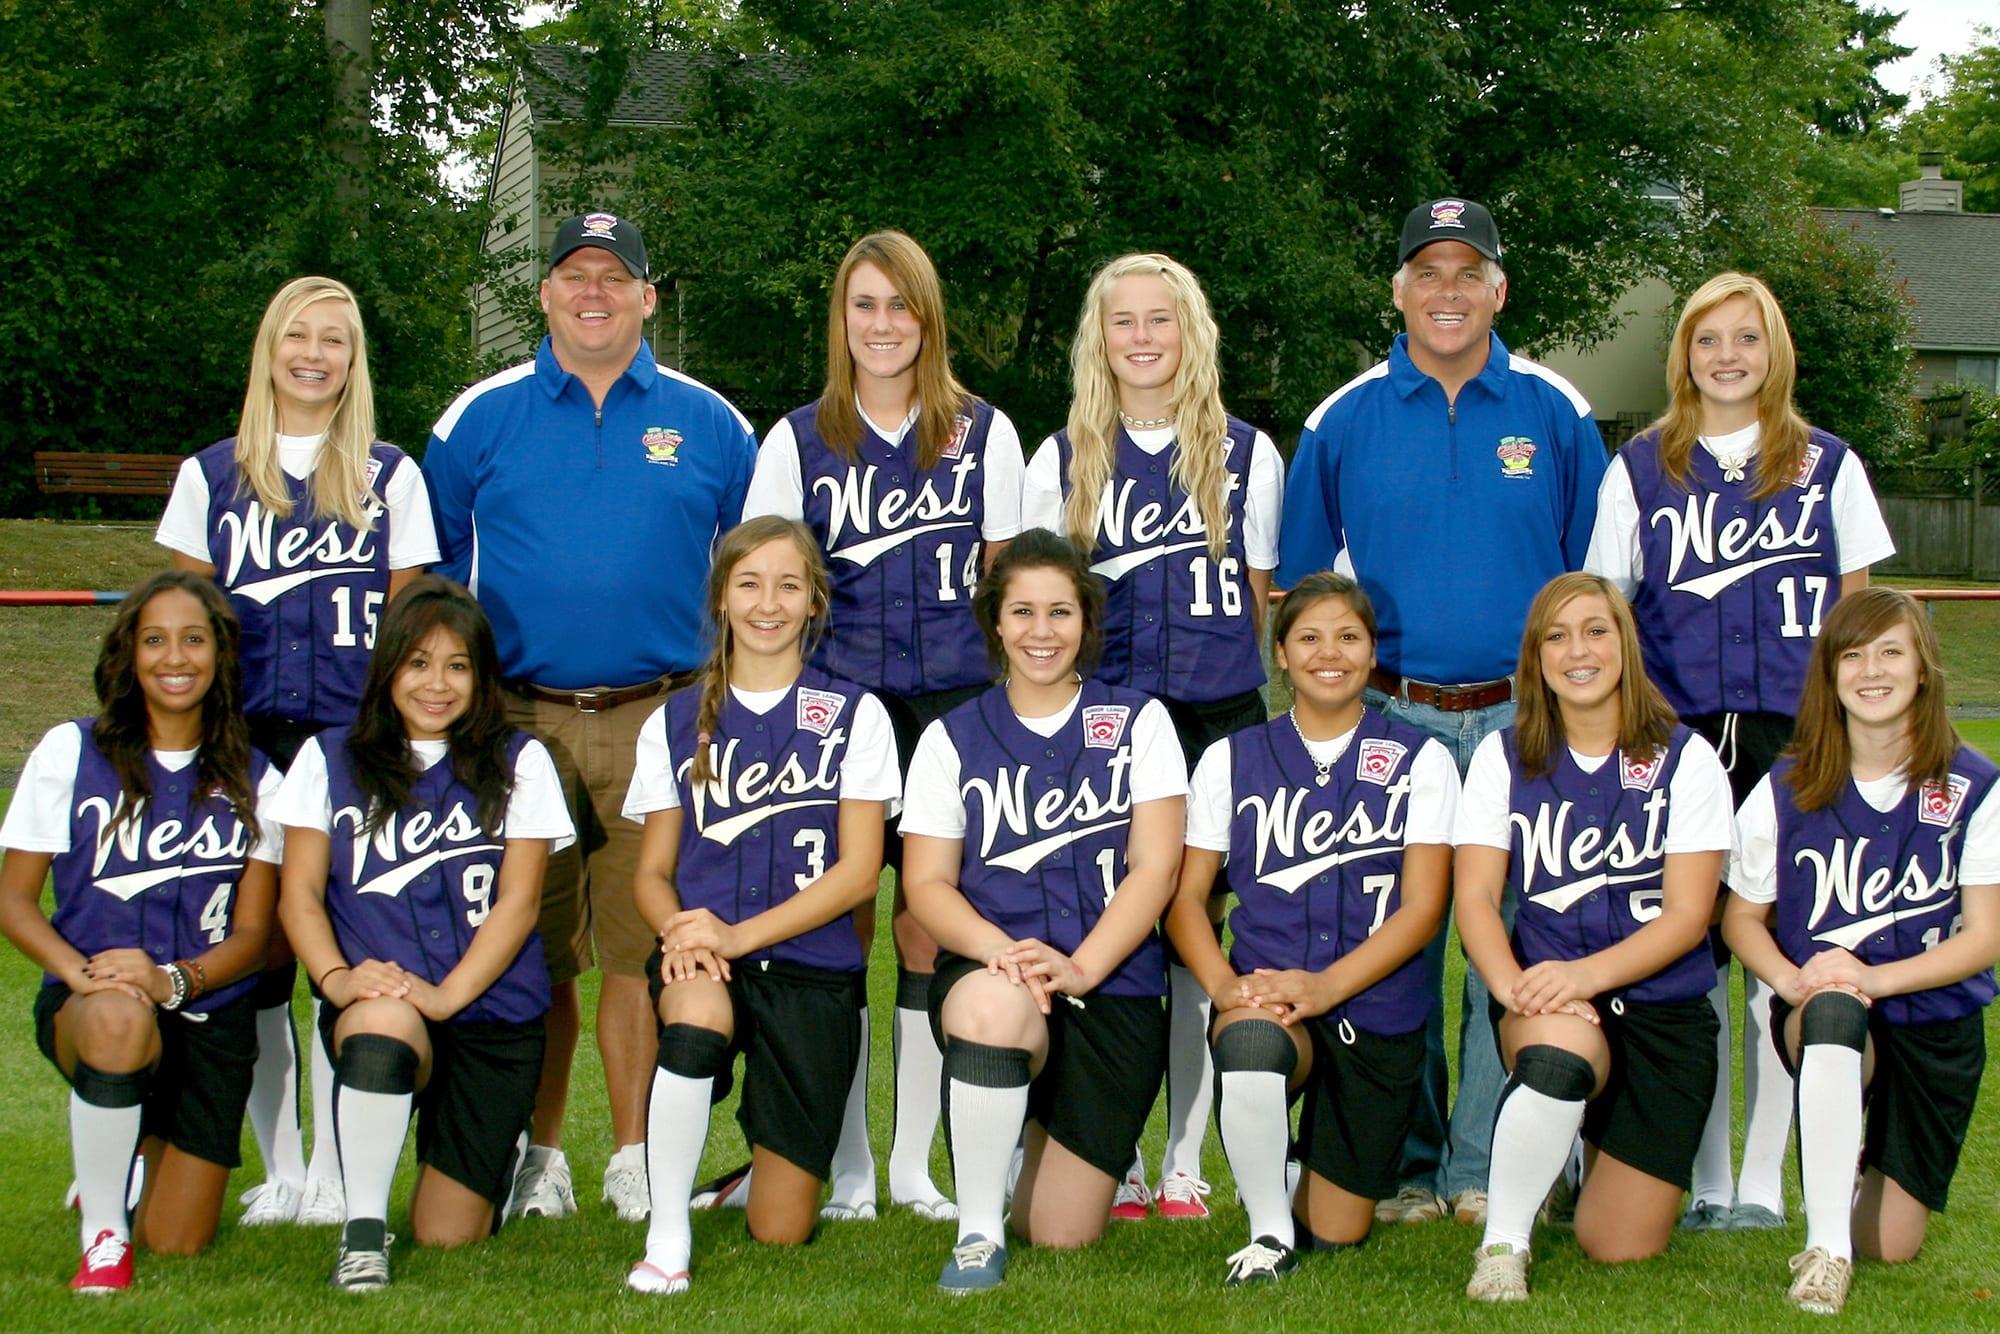 jlsb-west-region-2008-team